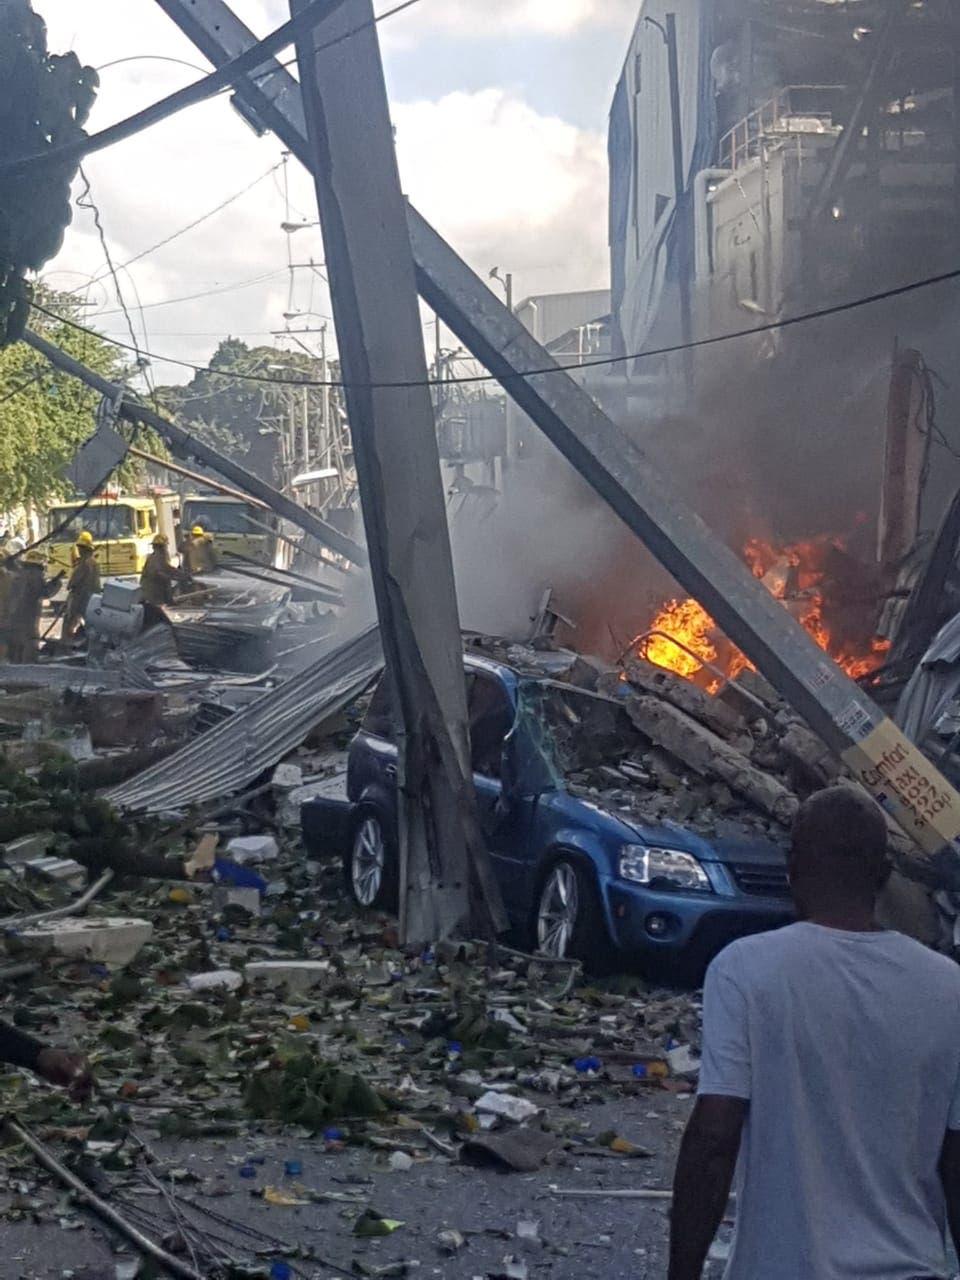 Dos muertos y 22 heridos por explosión en fábrica de plástico en Villas Agrícolas